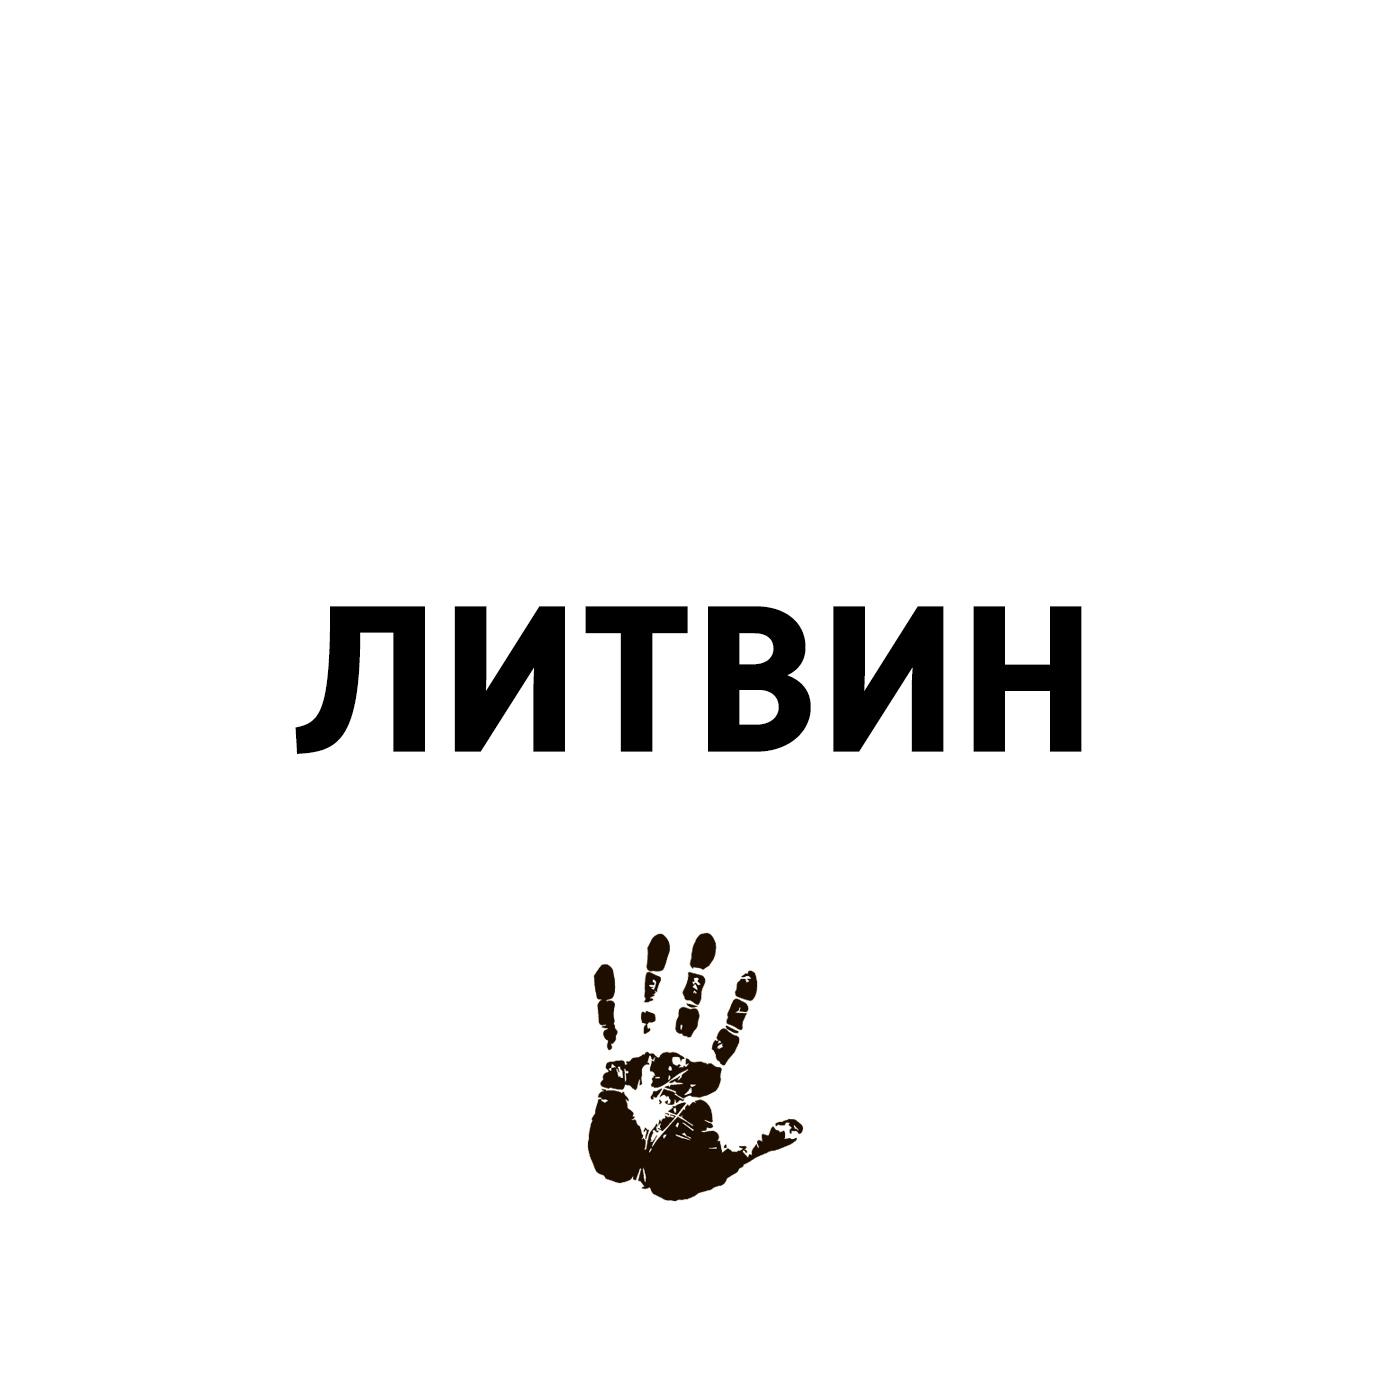 Вадим Тихомиров Как исправить родовые ошибки, научиться побеждать и начать нравиться людям хадуева ф ступени к вашему счастью устраняем родовые ошибки